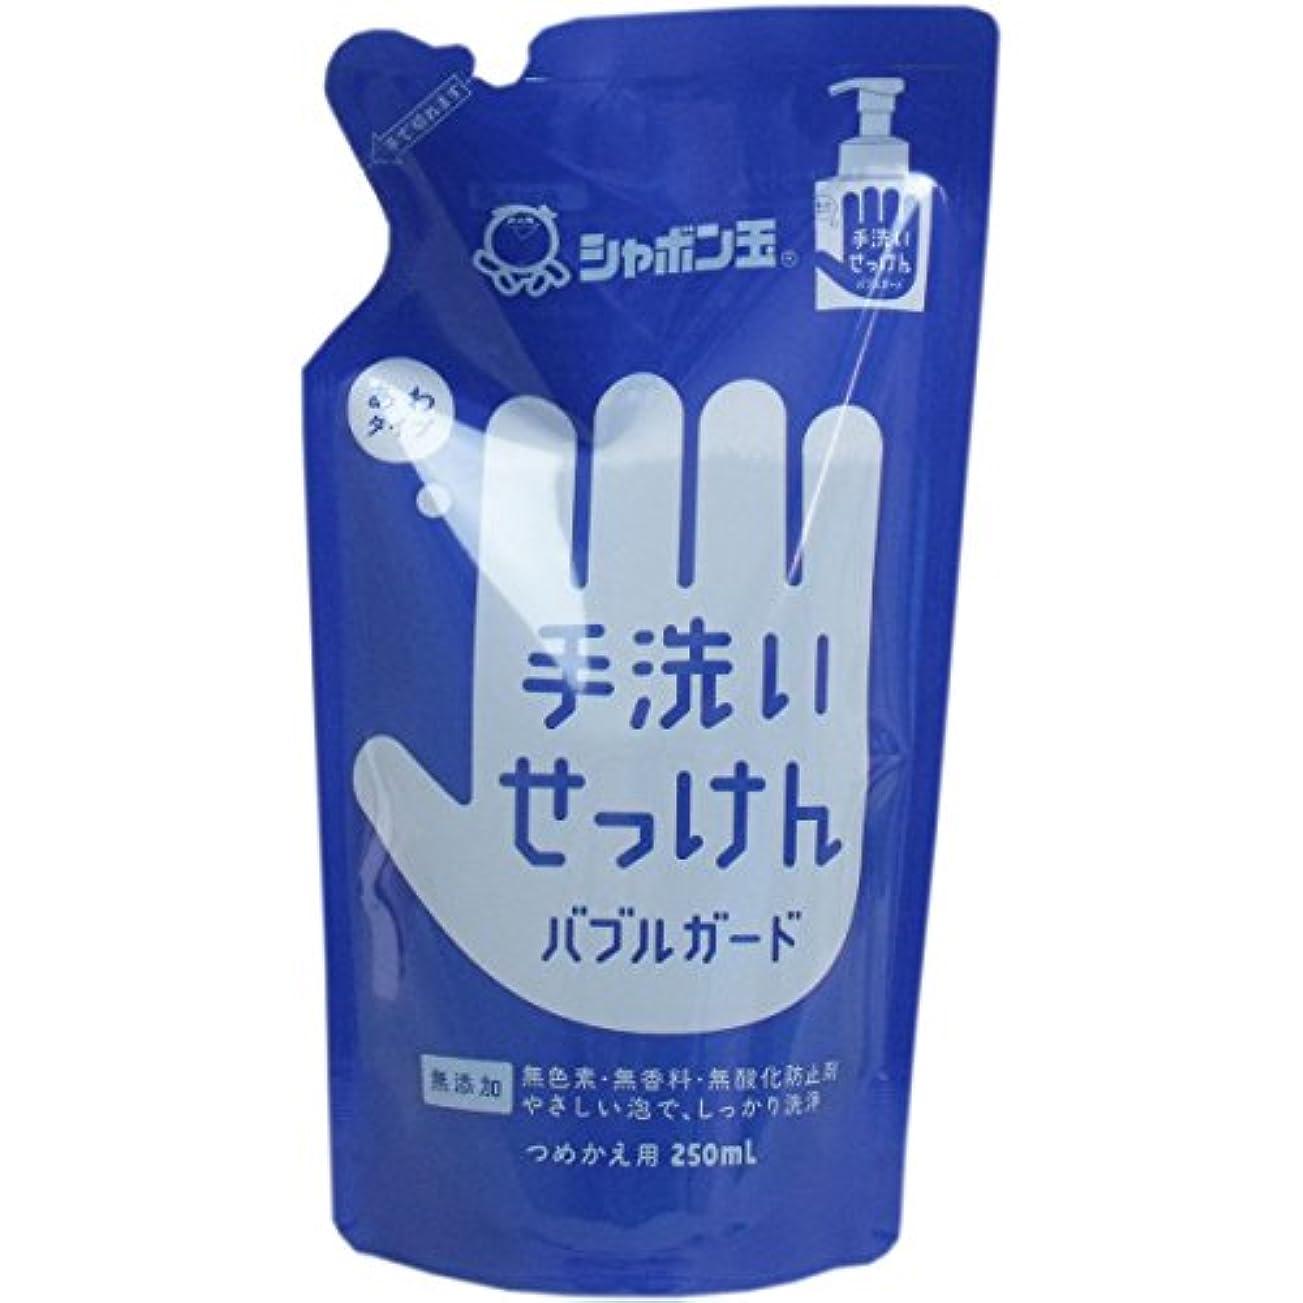 雑品人道的ミッション【セット品】シャボン玉 バブルガード つめかえ用 250ml ×3個